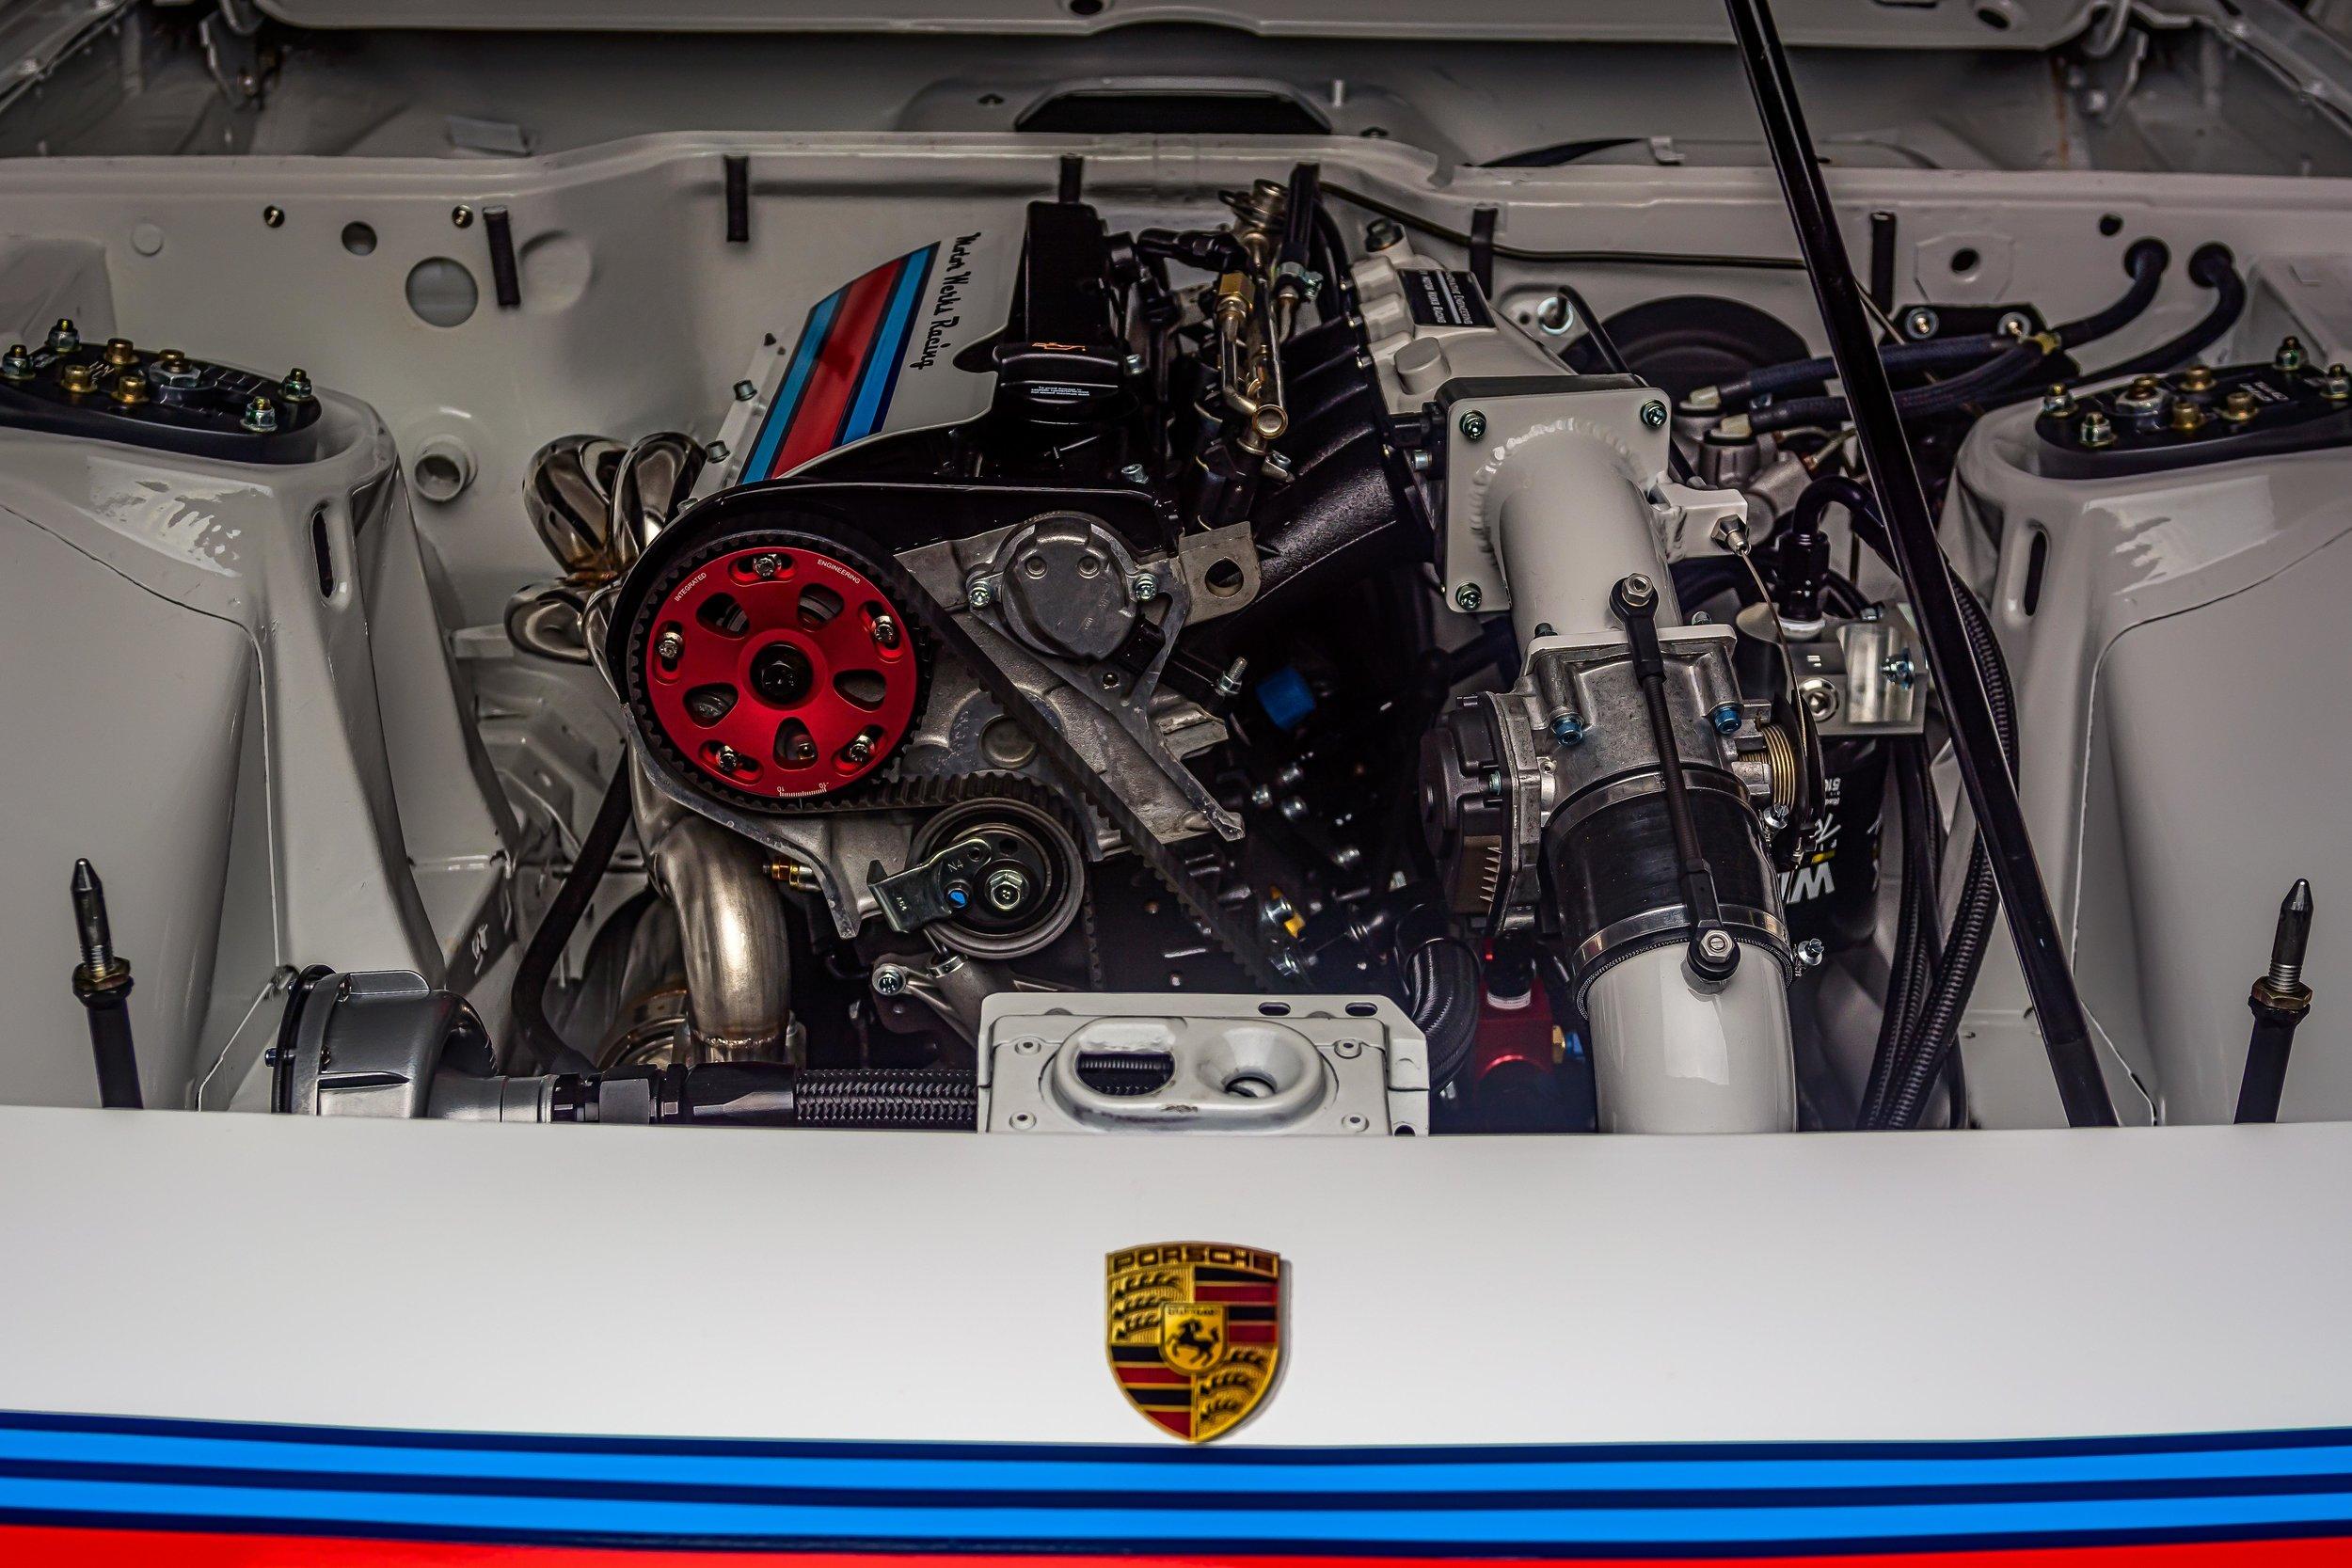 Motor Werks Racing Porsche 924 / 944 Engine Swap 1.8T